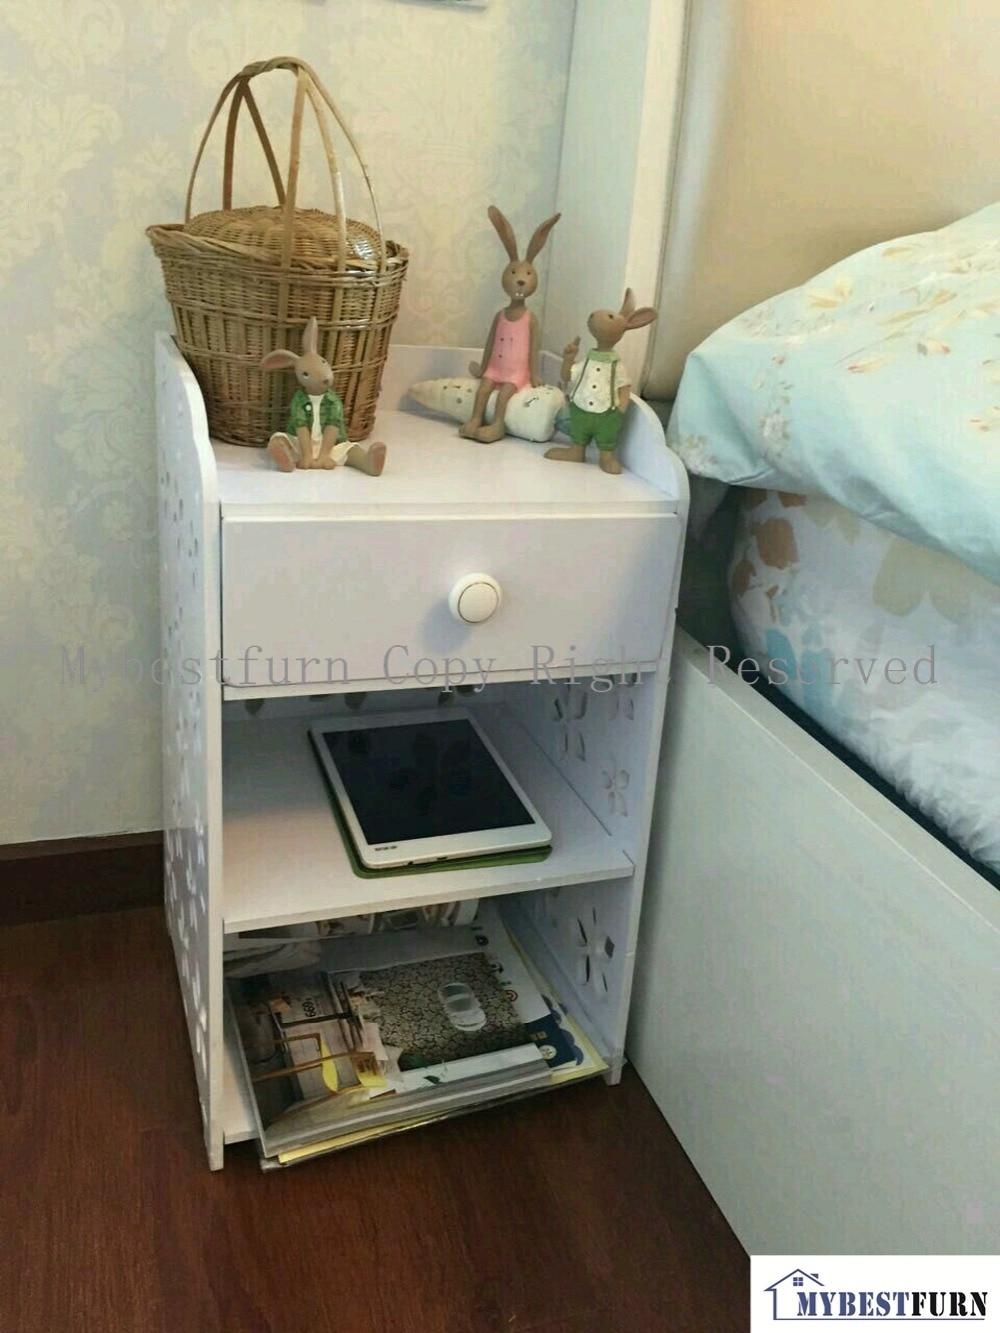 Mybestfurn table de chevet en bois blanc de petite taille, armoire de chevet à tiroirs à fleurs sculptées pour enfant ou adulte 253C (rangement aux etats-unis)